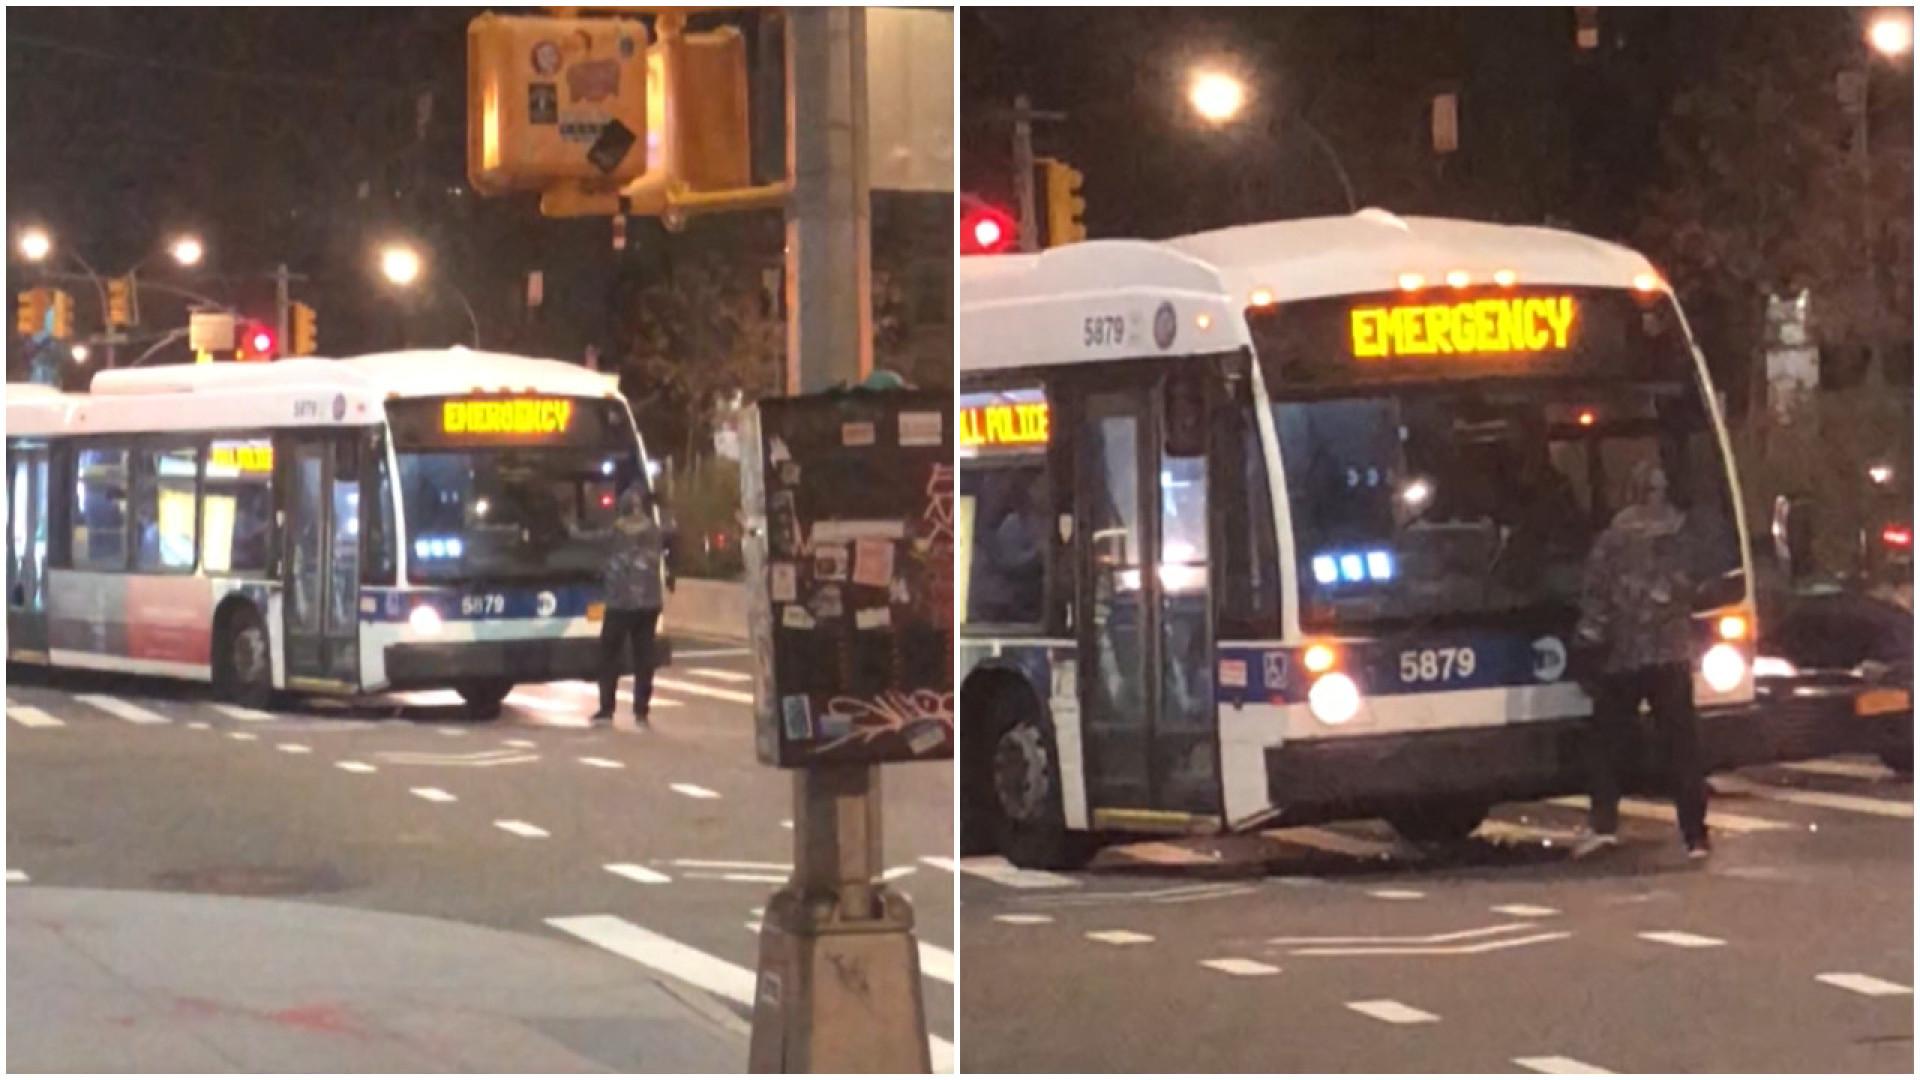 Passageiro tenta destruir ônibus nas ruas de Nova York